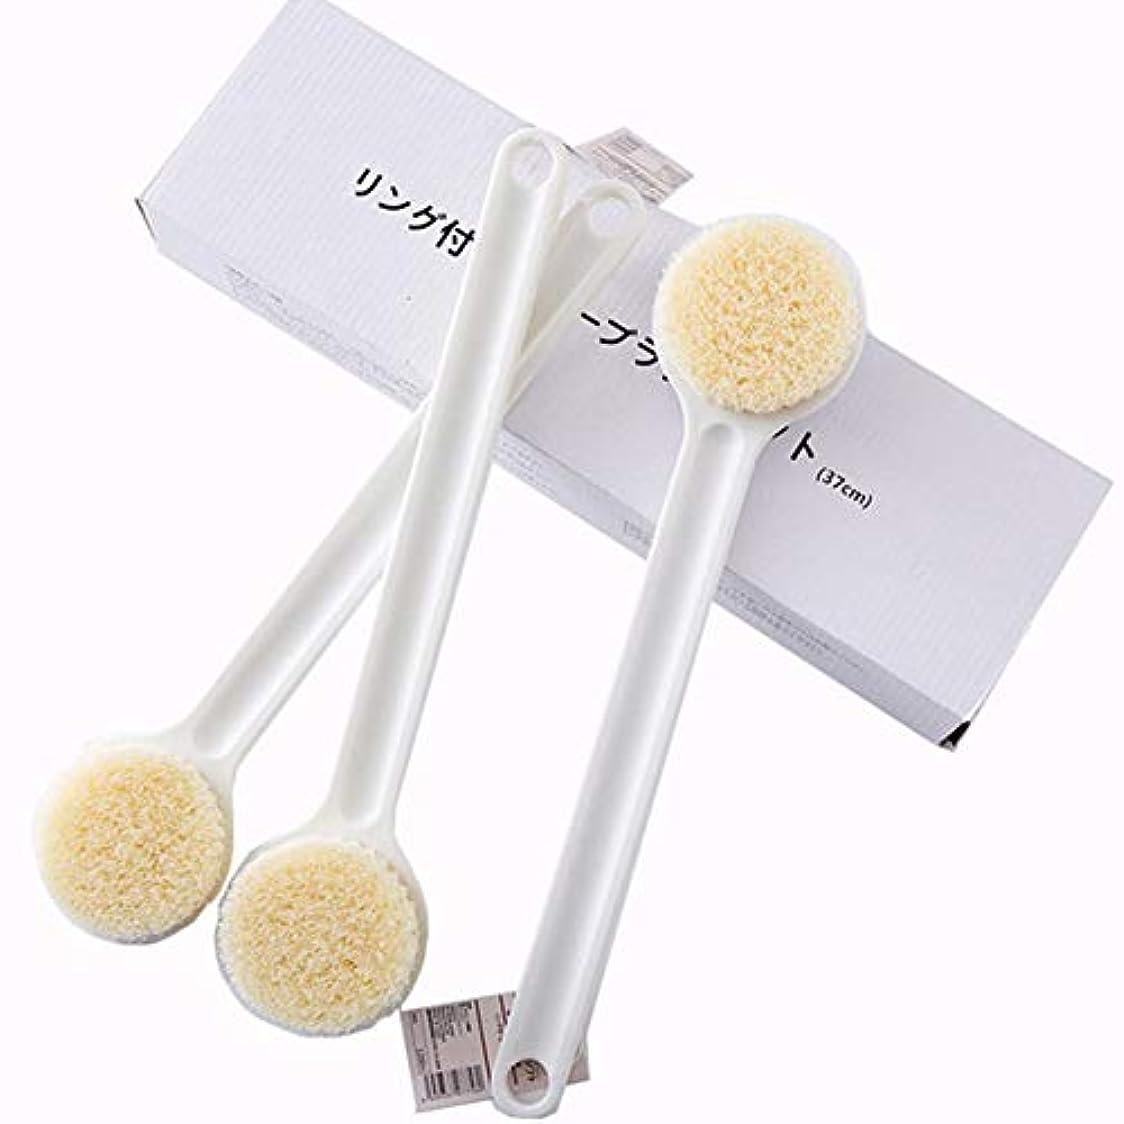 なだめる投資ユーモアボディブラシ 背中 柔い ナイロン繊維 ンチスリップロングハンドル リング付シャワーブラシ (ホワイト) (1個)